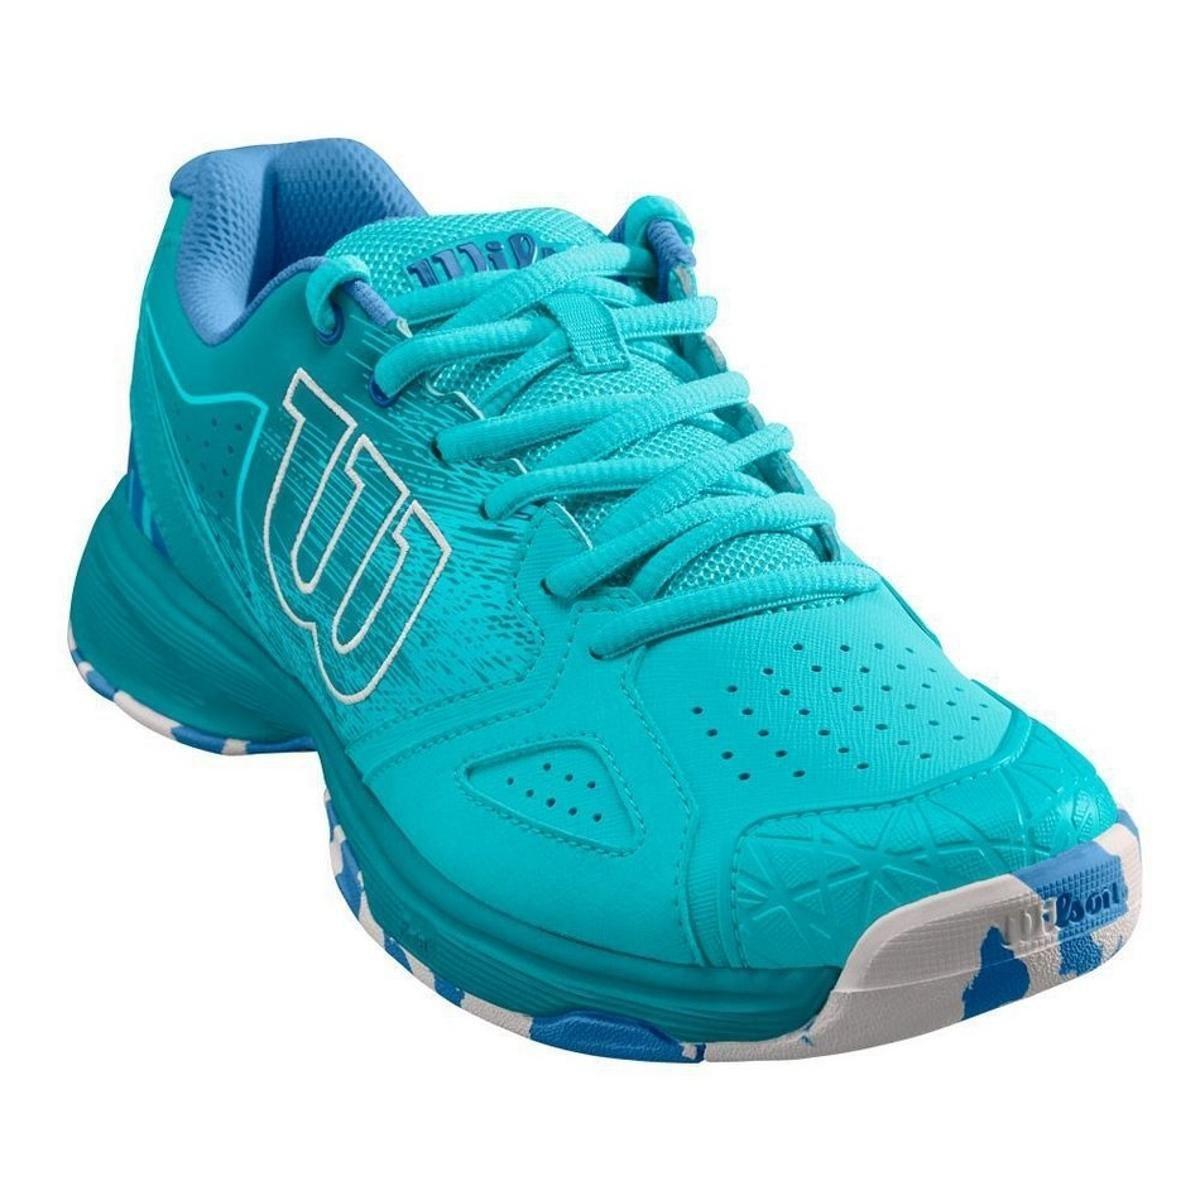 Tênis Wilson Kaos DEVO Feminino - Azul - Compre Agora  9a65f628bf65d